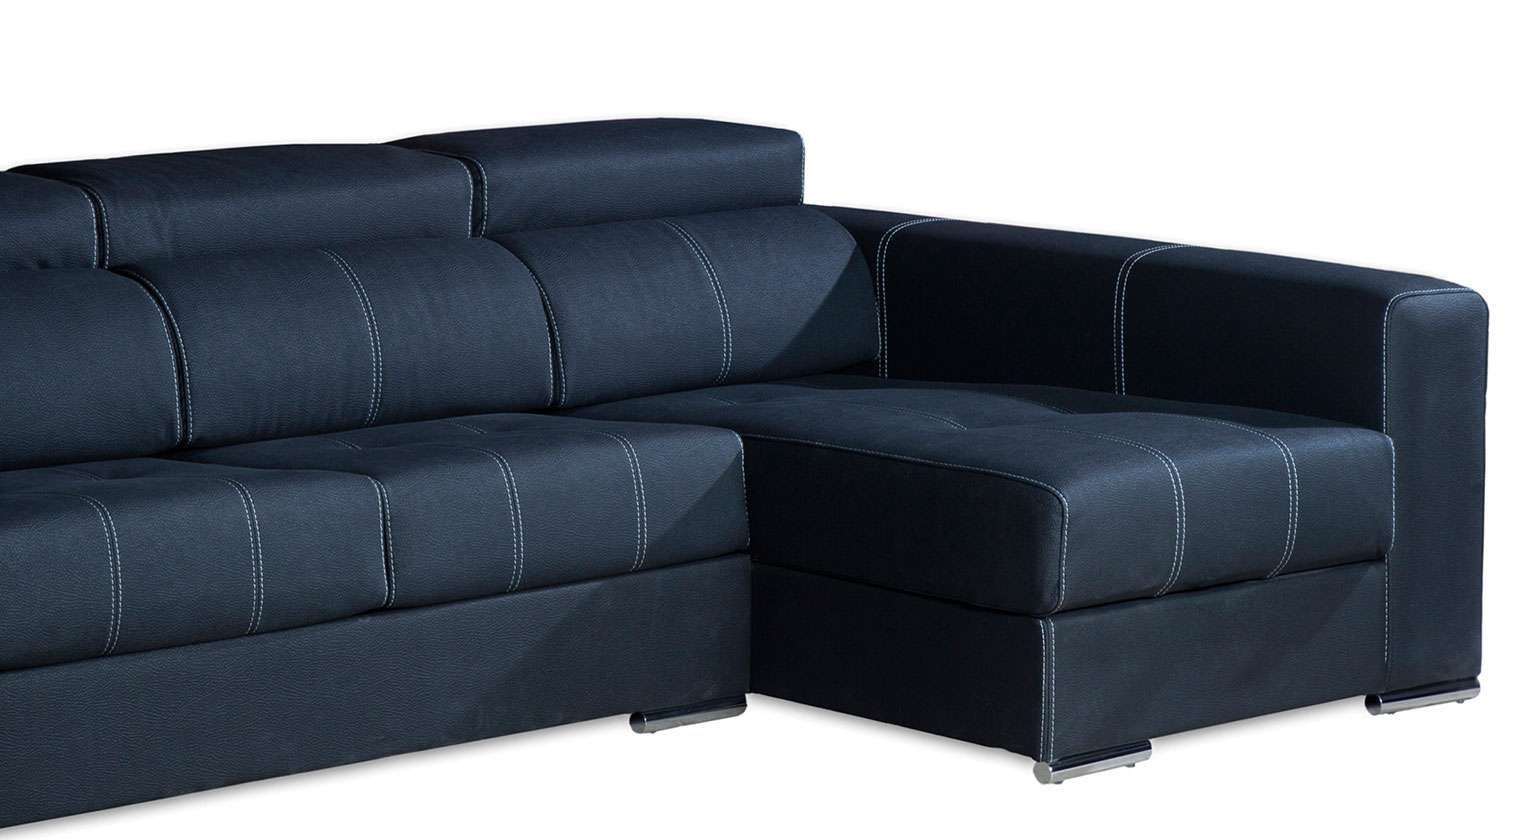 Comprar chaise longue valencia sofa 4 plazas microfibra mozart - Sofas segunda mano castellon ...